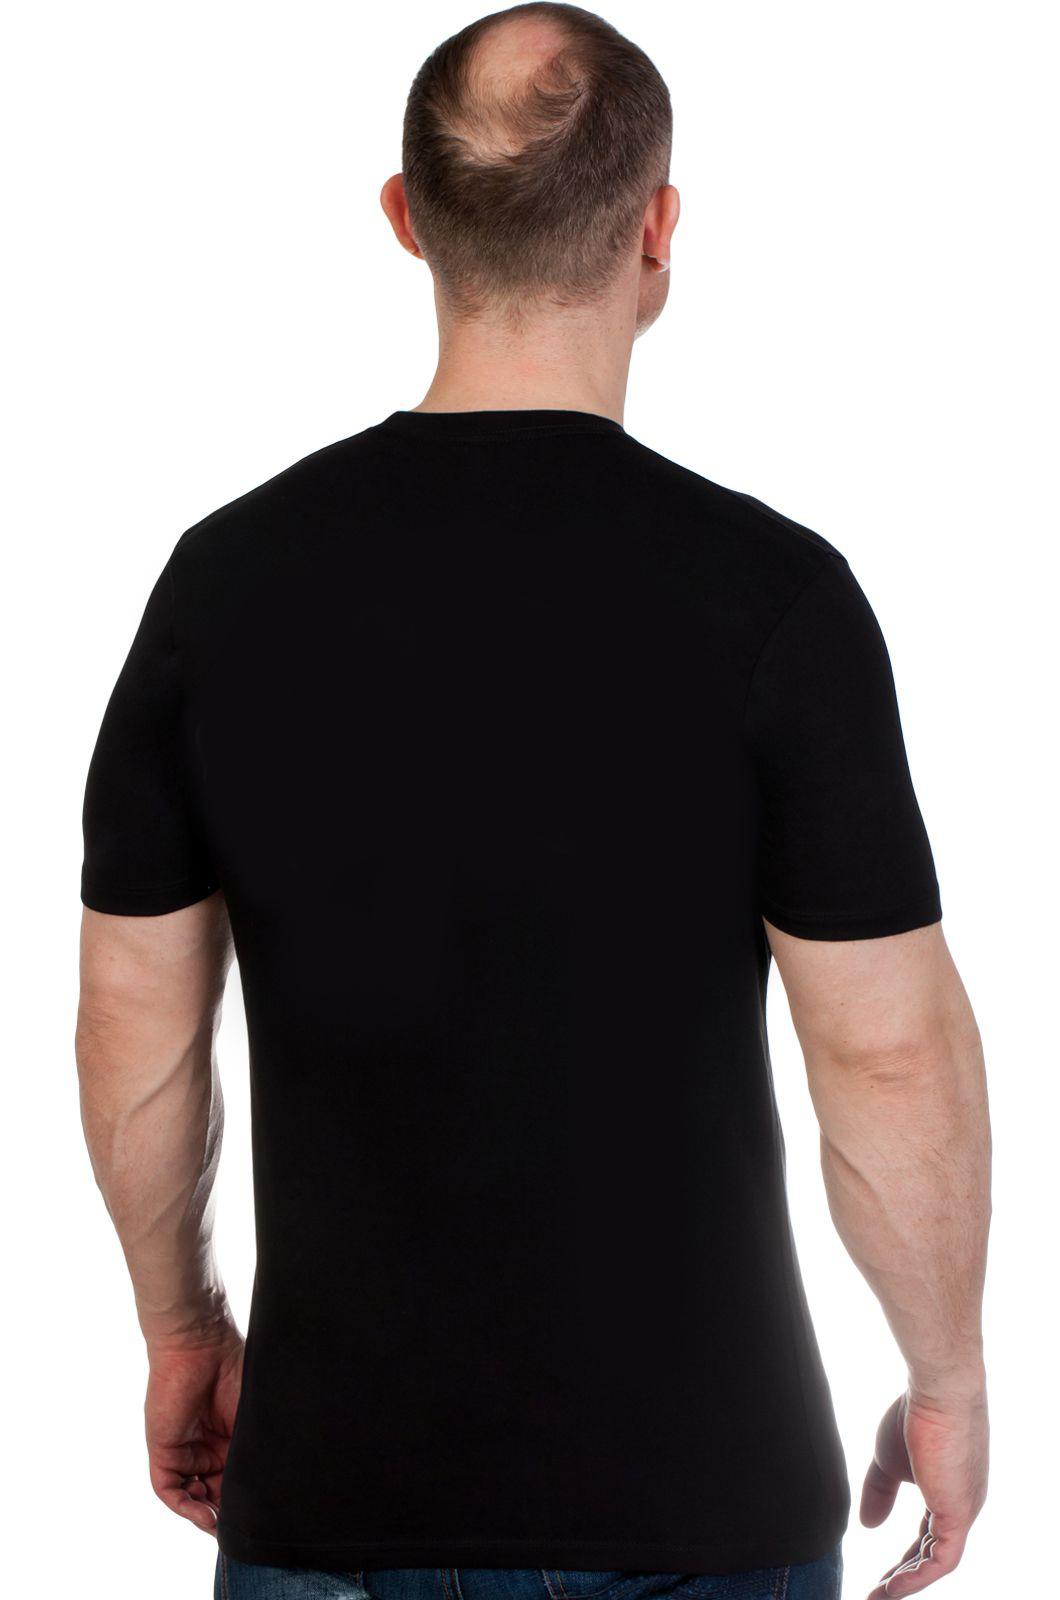 Черная футболка ВМФ СССР по лучшей цене